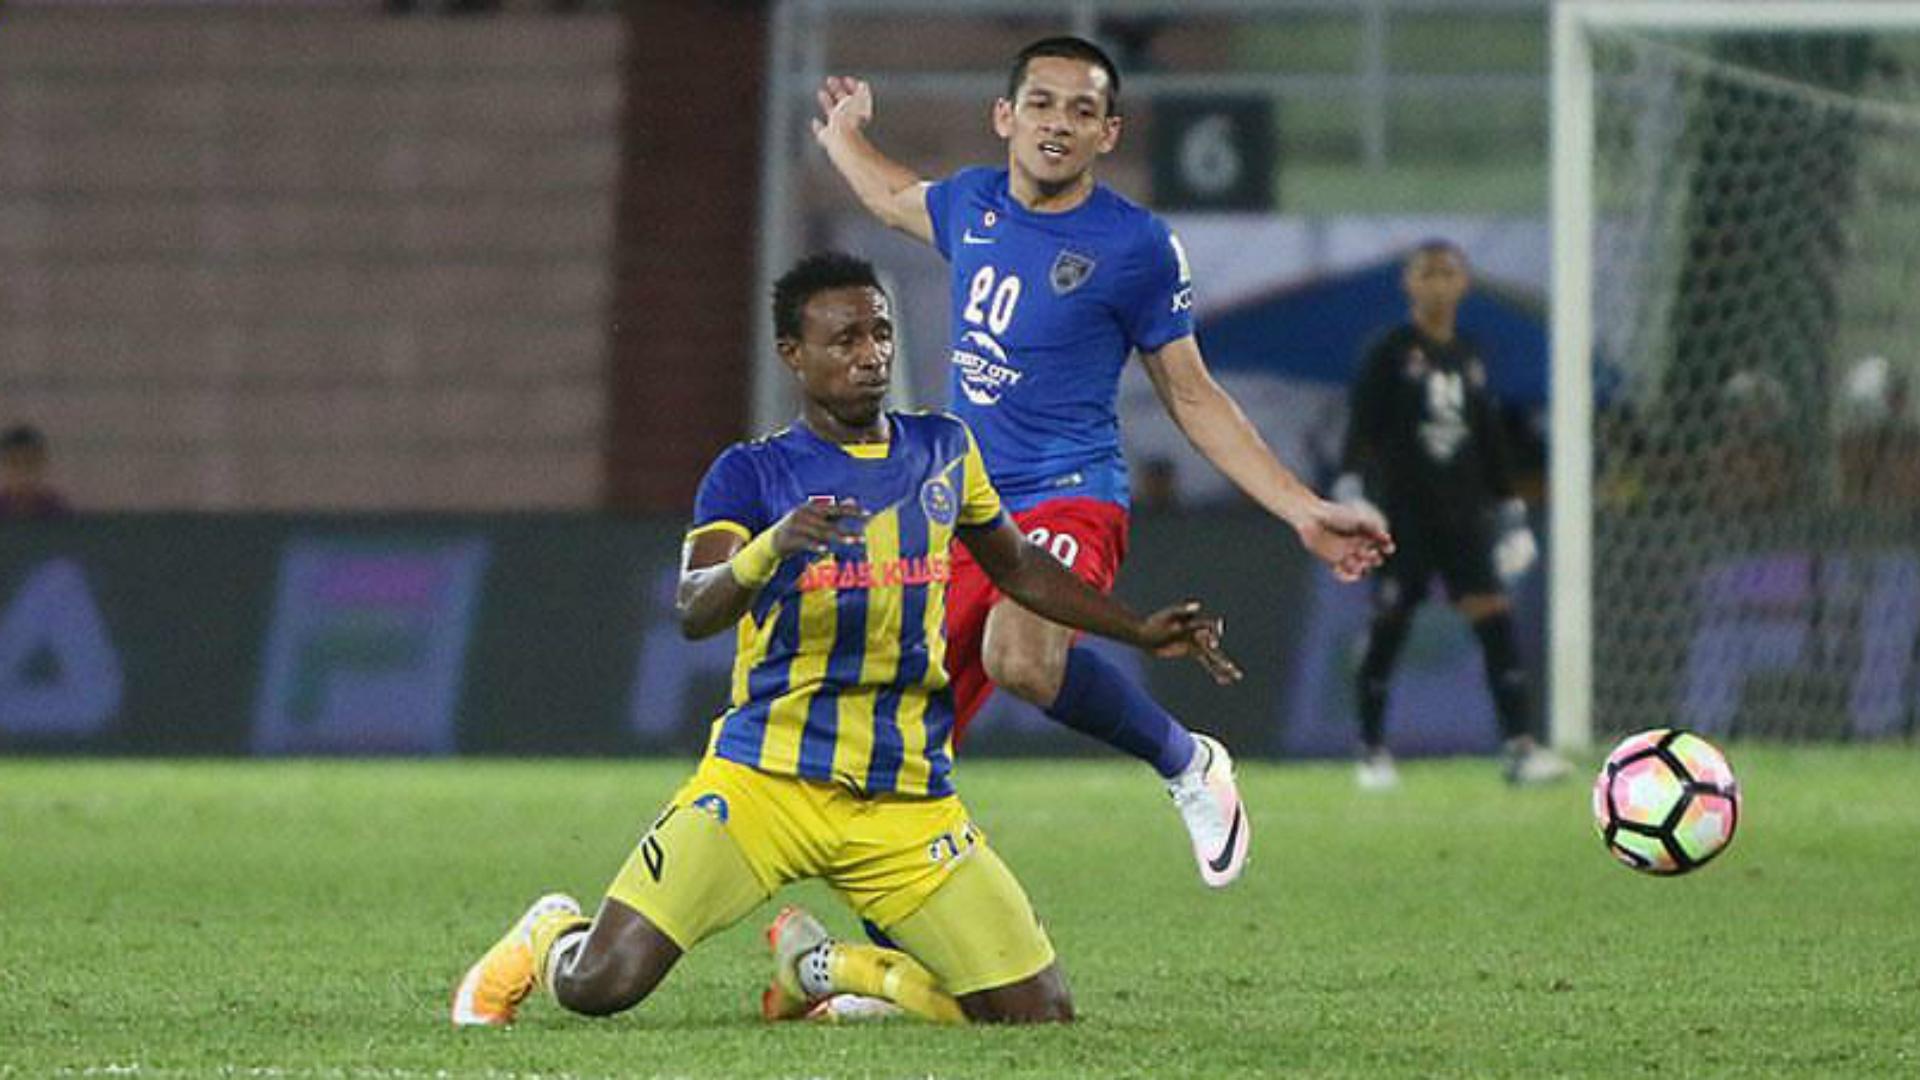 Jelang Piala AFF 2018, Bintang Baru Timnas Malaysia Tampil Garang